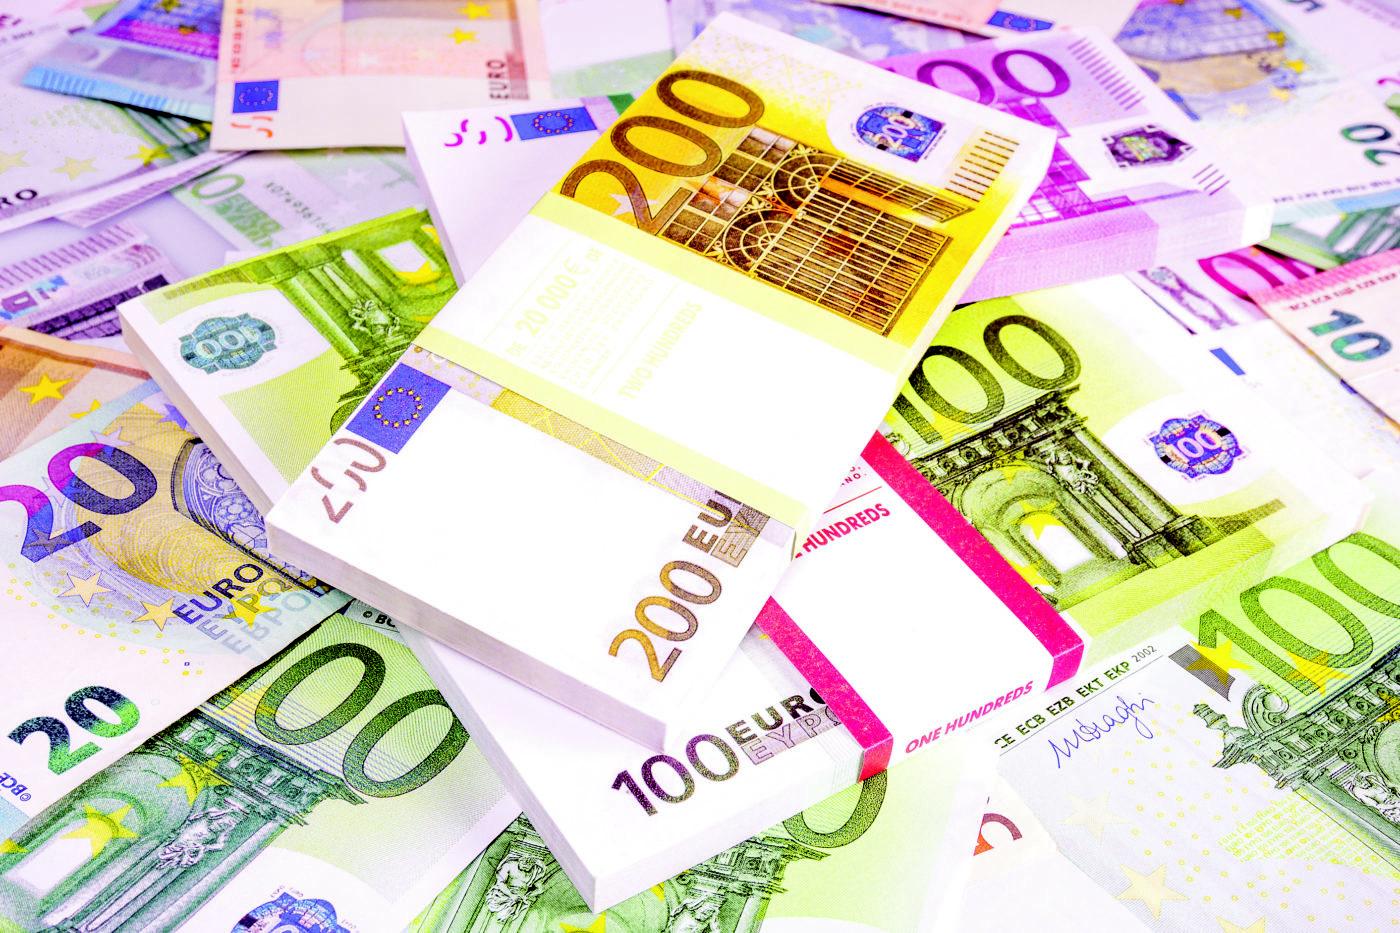 Tỷ giá đồng Euro hôm nay (29/11): Giá Euro ngân hàng có xu hướng tăng - Ảnh 1.